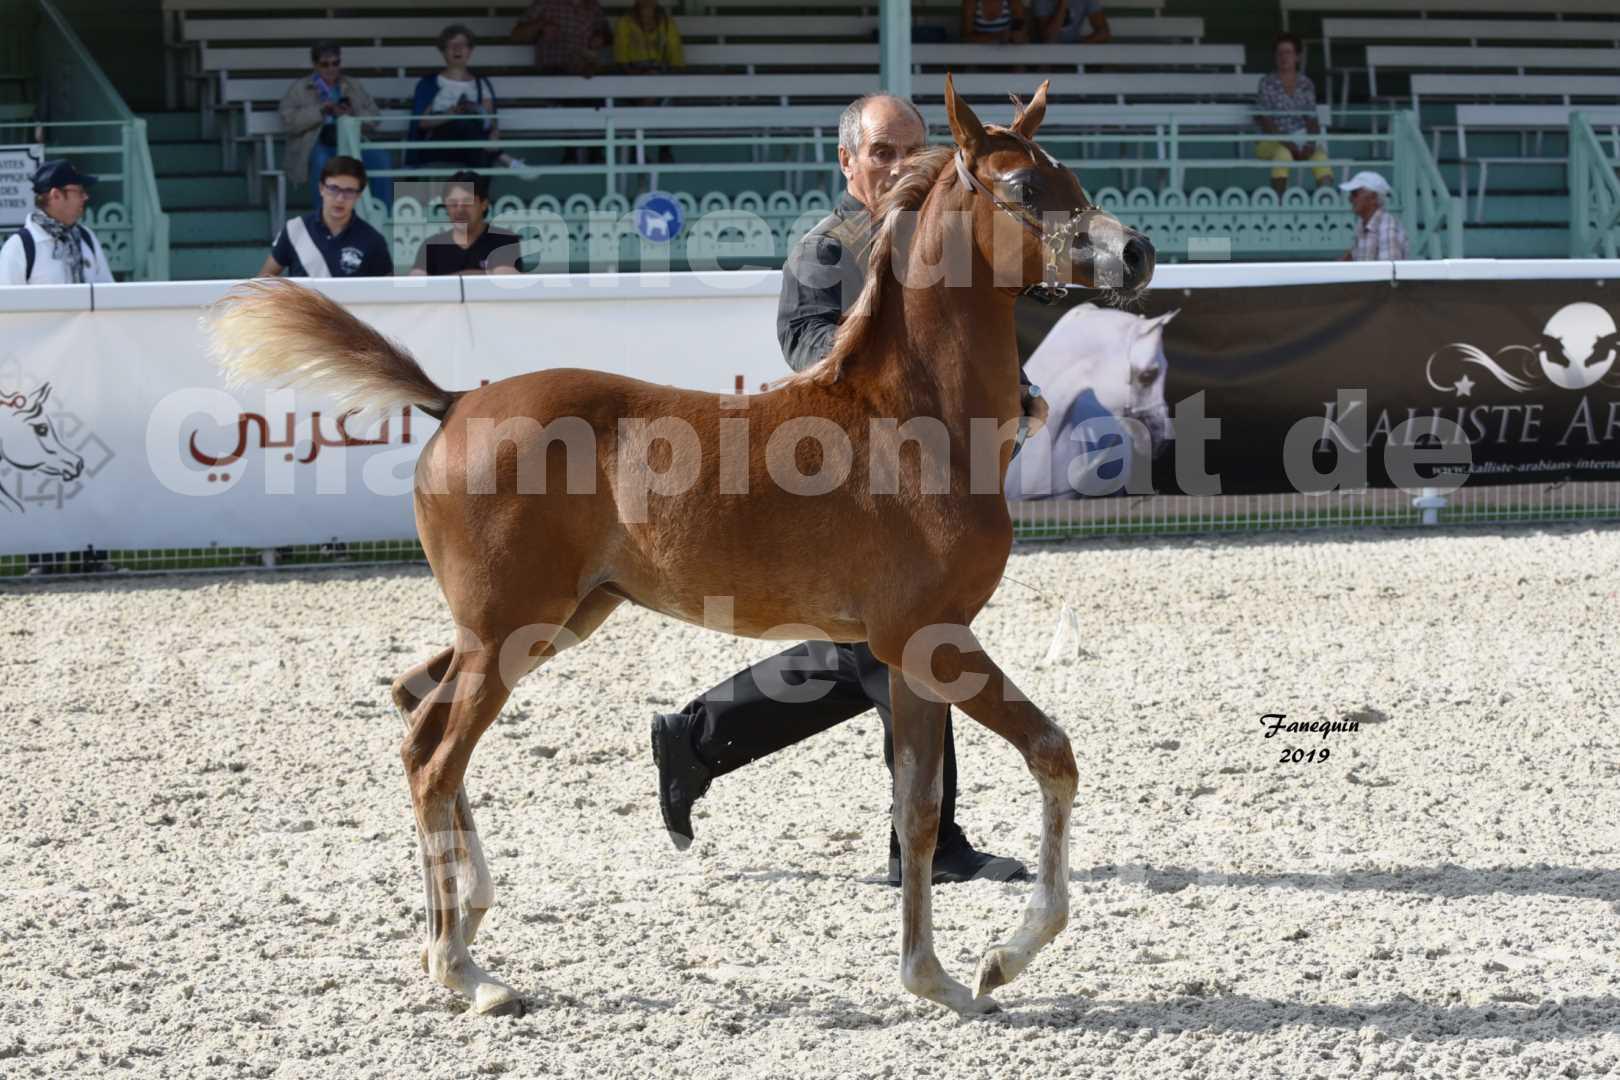 Championnat de France des chevaux Arabes en 2019 à VICHY - SH CYRENE - 3